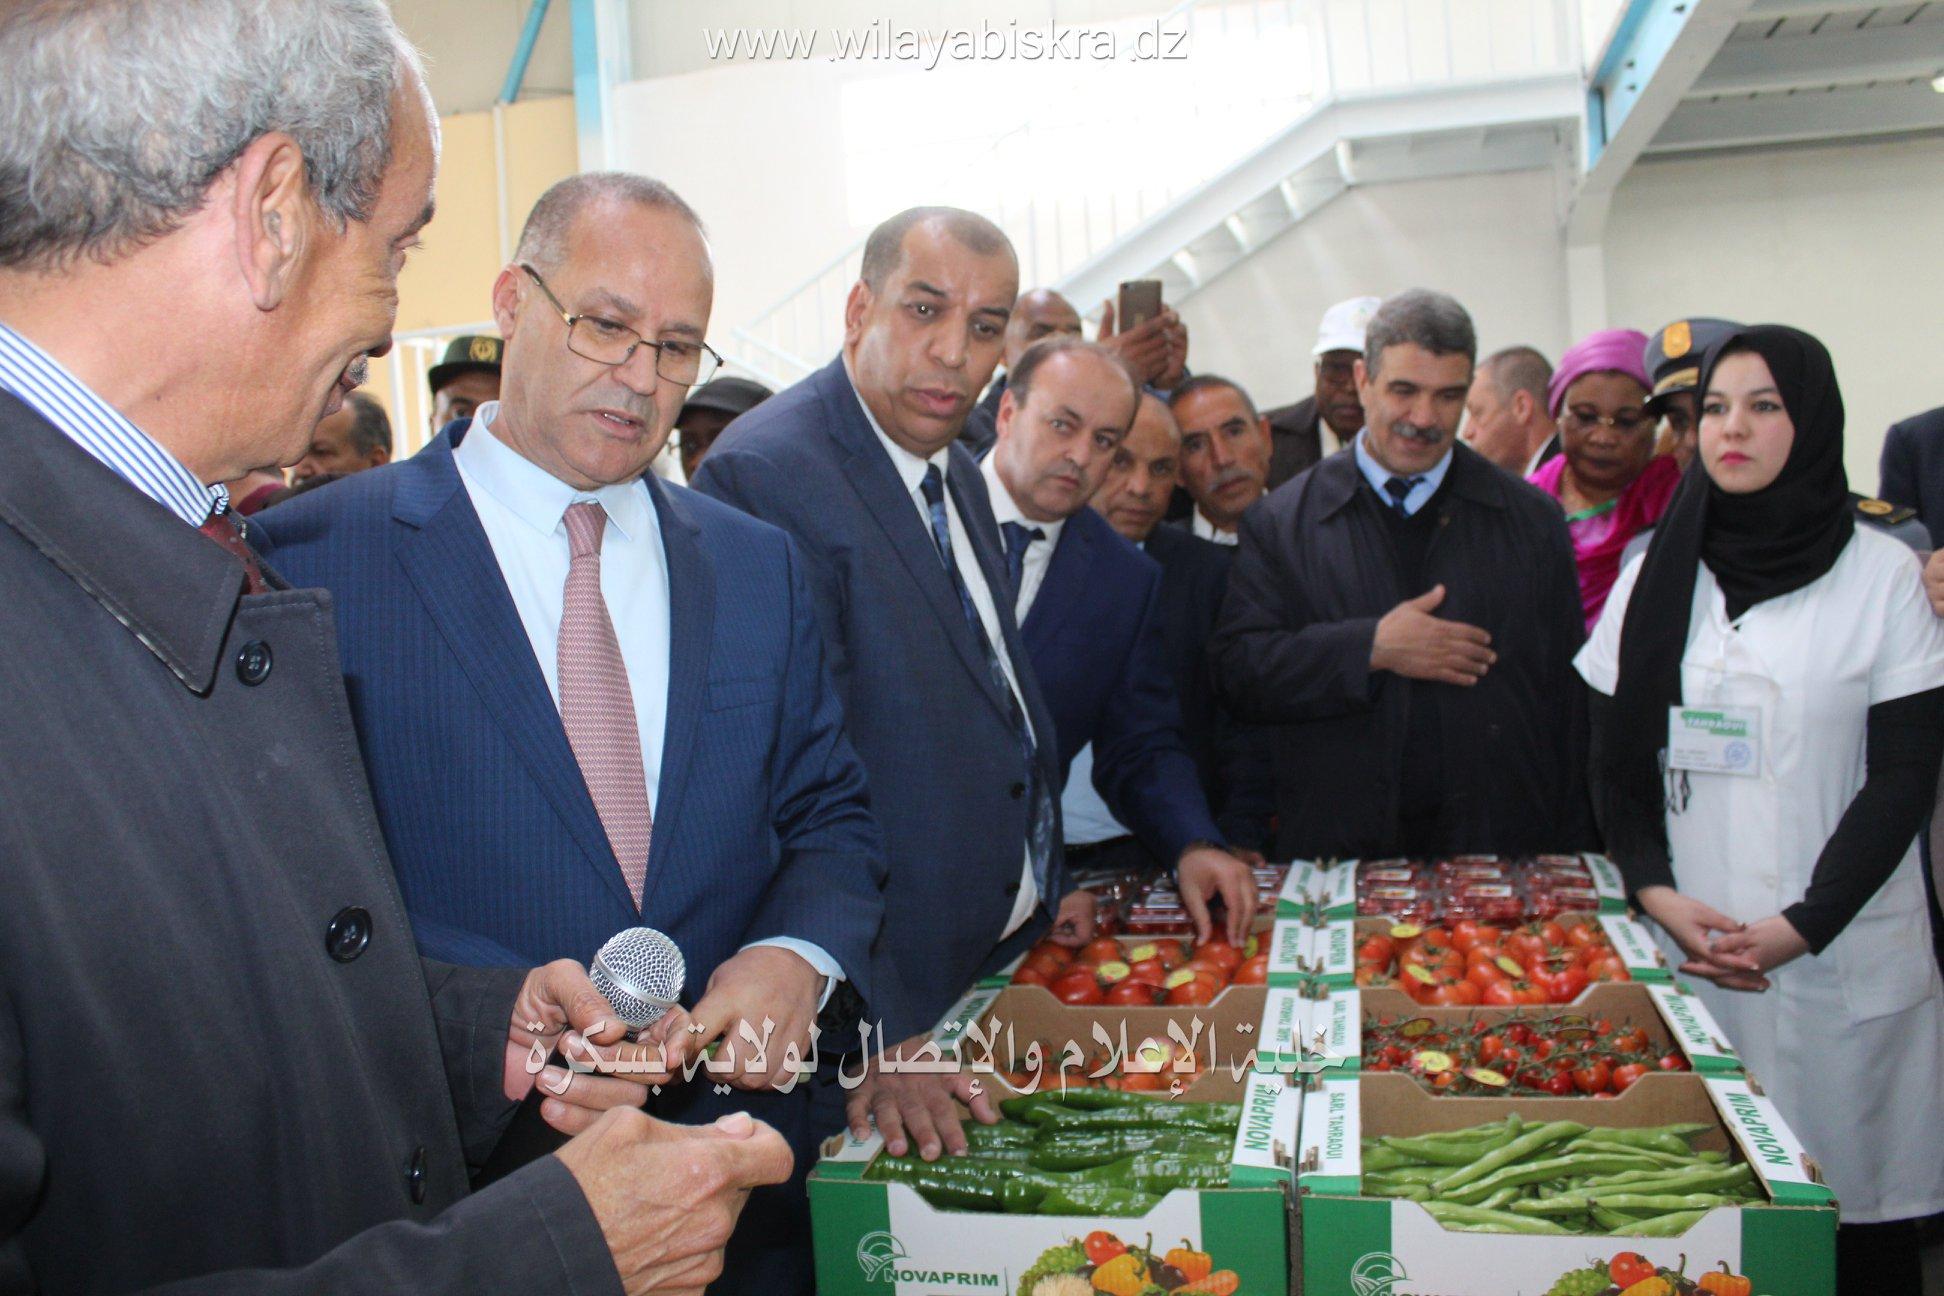 زيارة معالي وزير الفلاحة و التنمية الريفية و الصيد البحري.